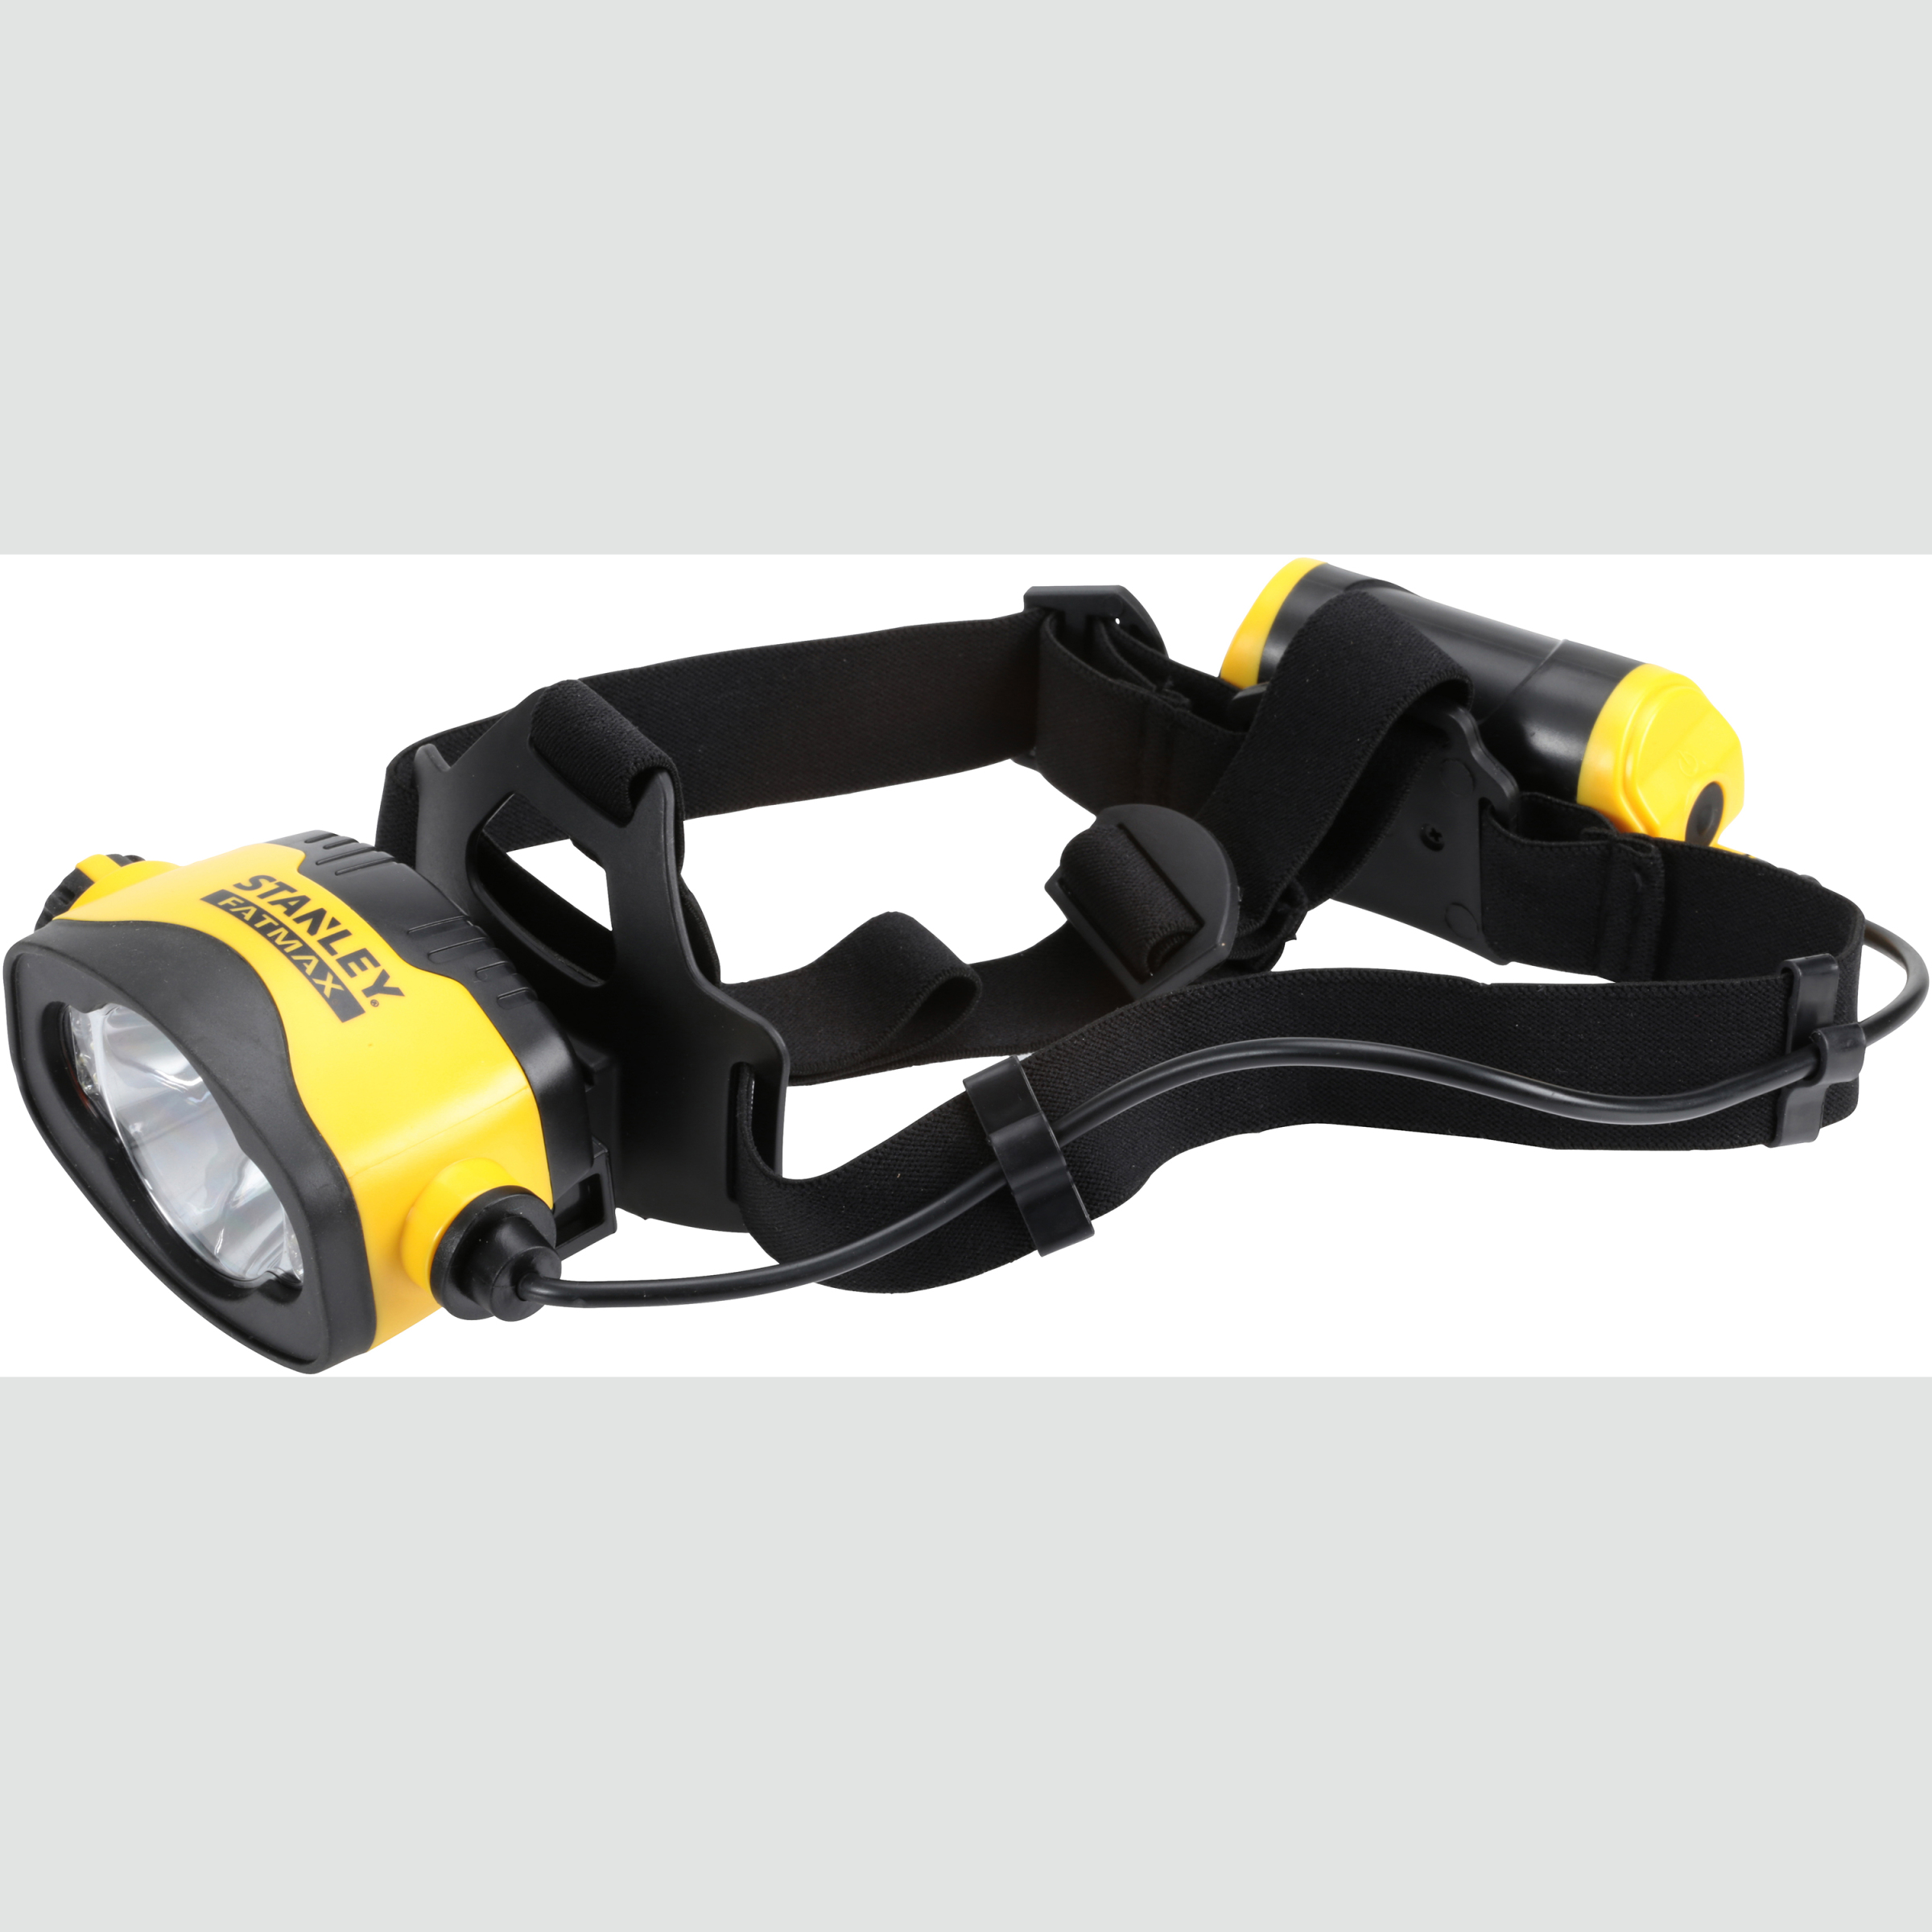 Stanley® Fatmax® Waterproof LED Headlamp Carded Pack